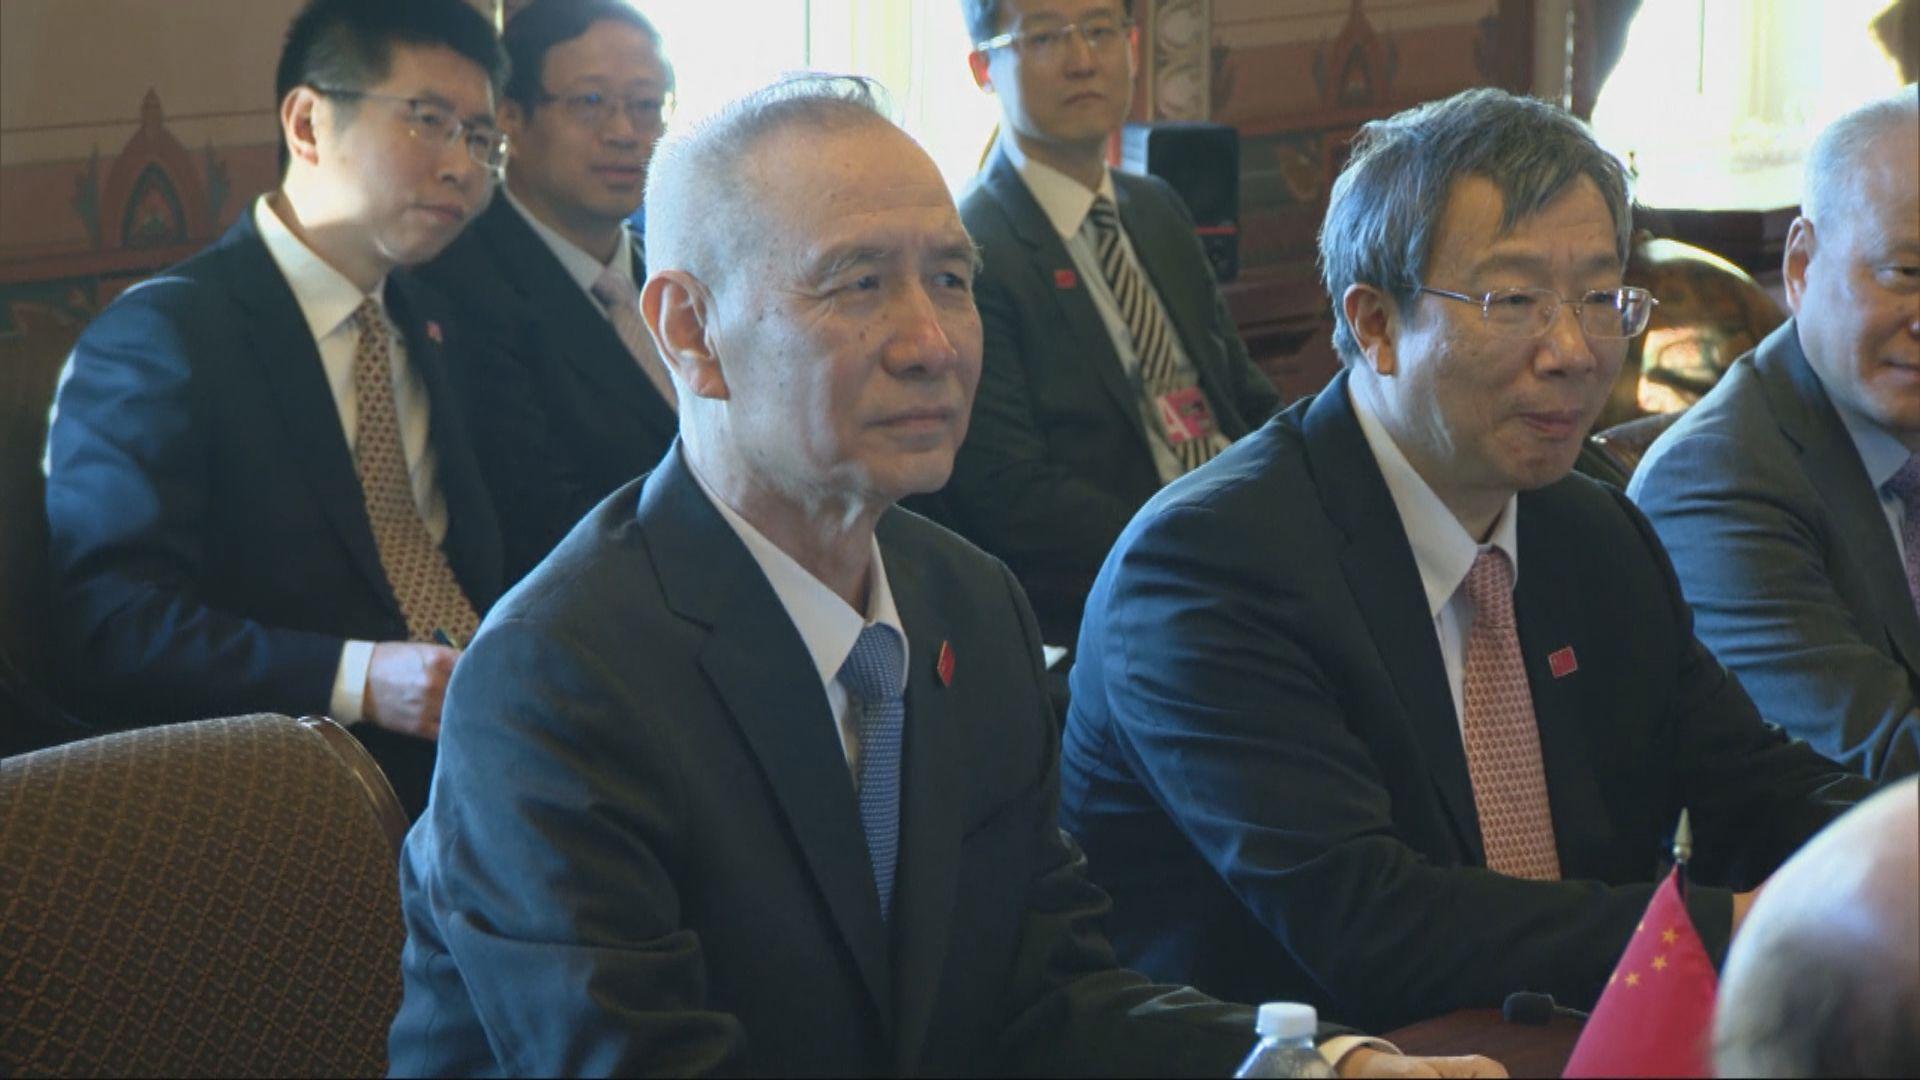 劉鶴將參加新一輪中美貿易談判